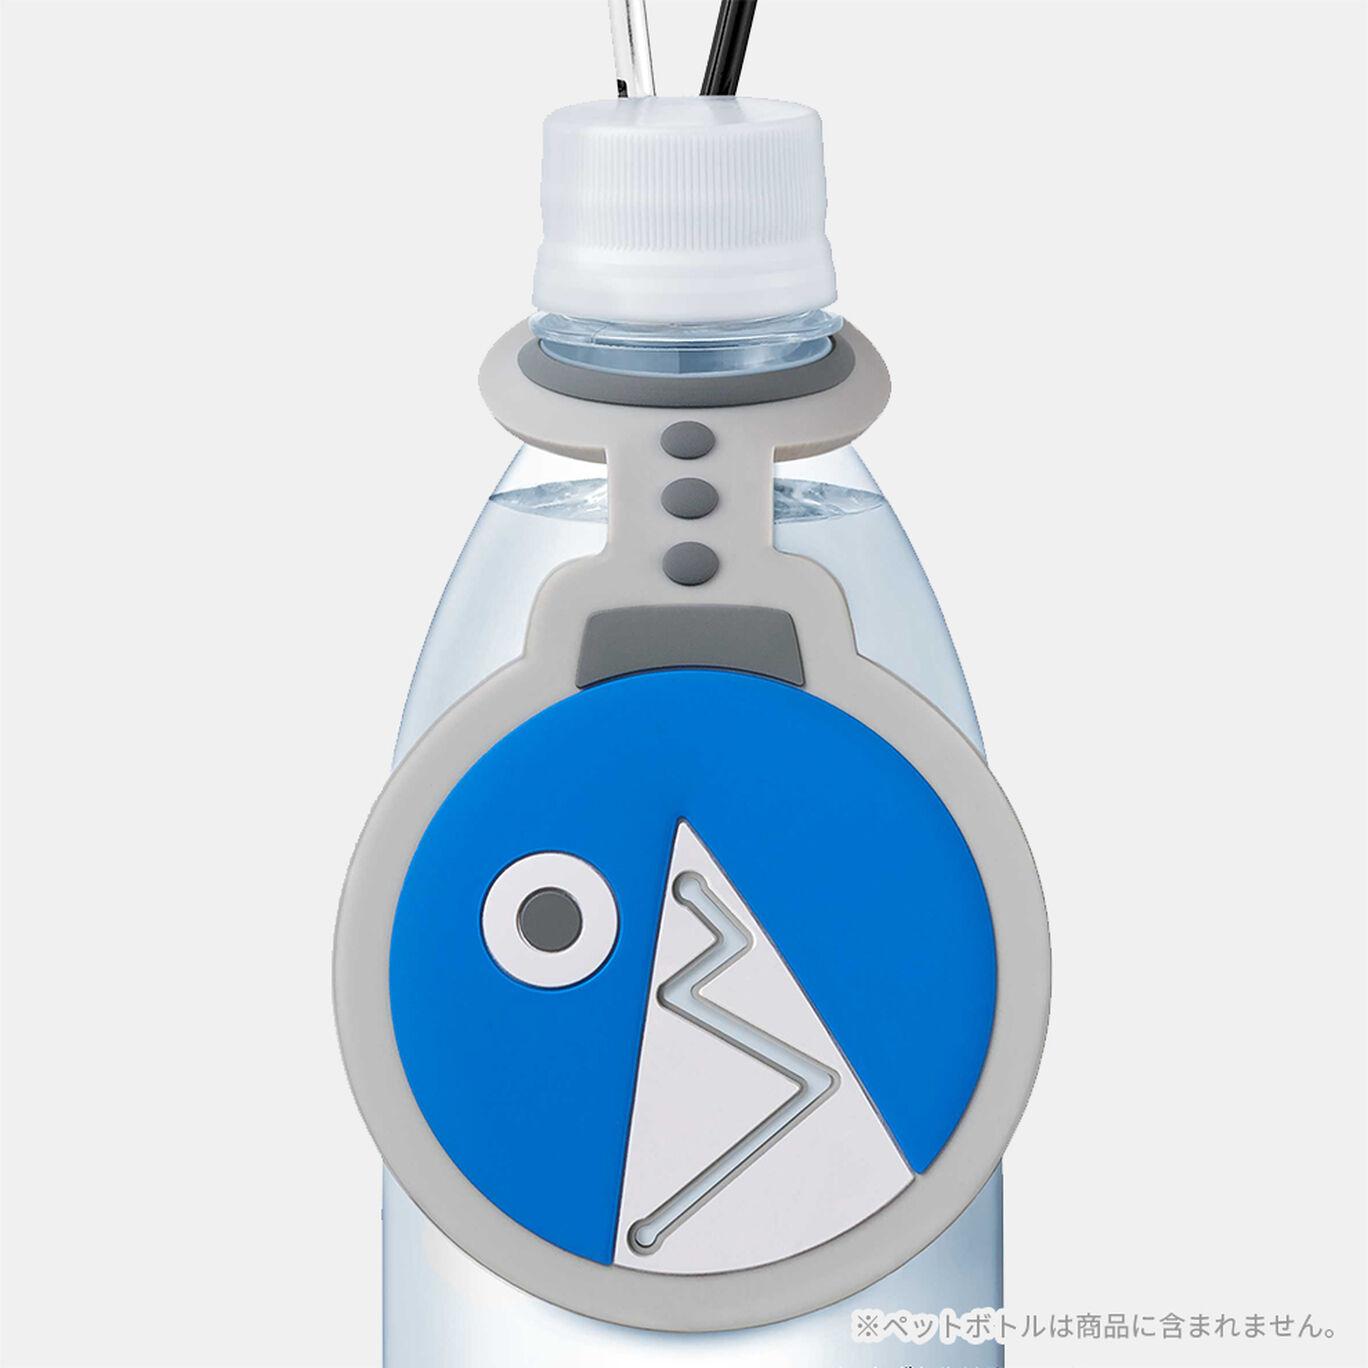 スーパーマリオ トラベル タオル&ペットボトルホルダー(ワンワン)